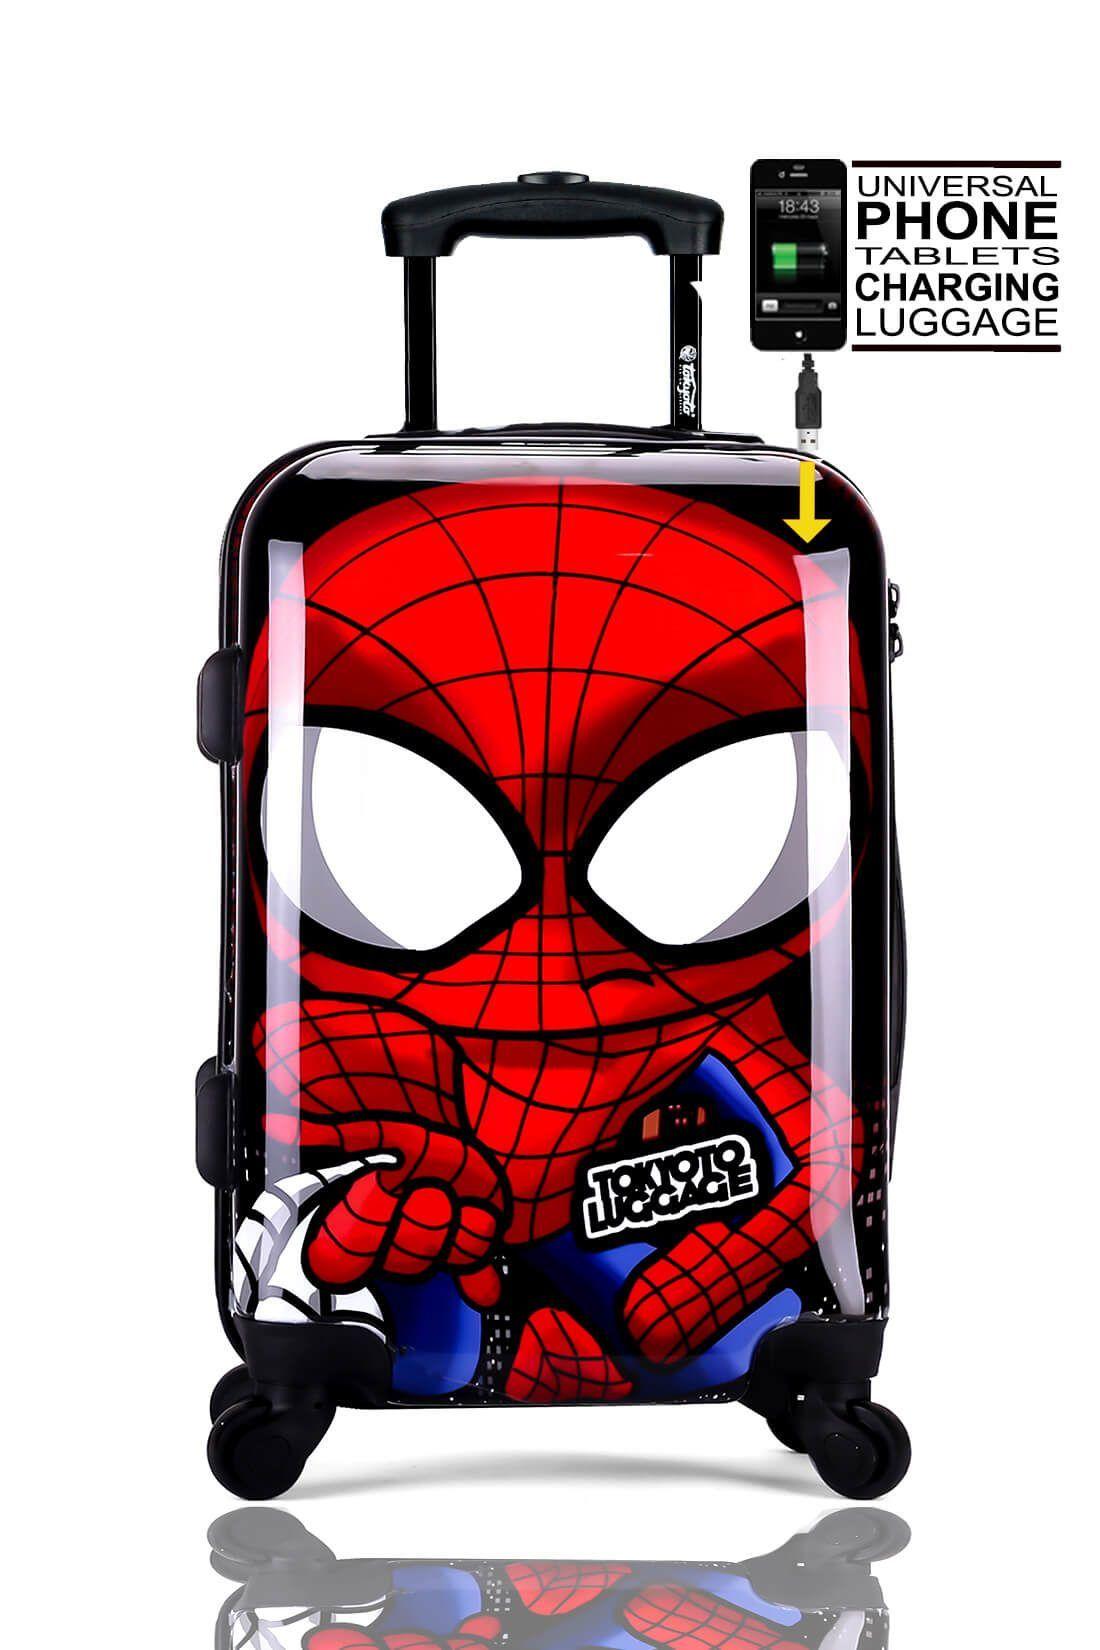 Valise Online Cabine Trolley Enfant TOKYOTO LUGGAGE Modelle SPIDER BOY 1